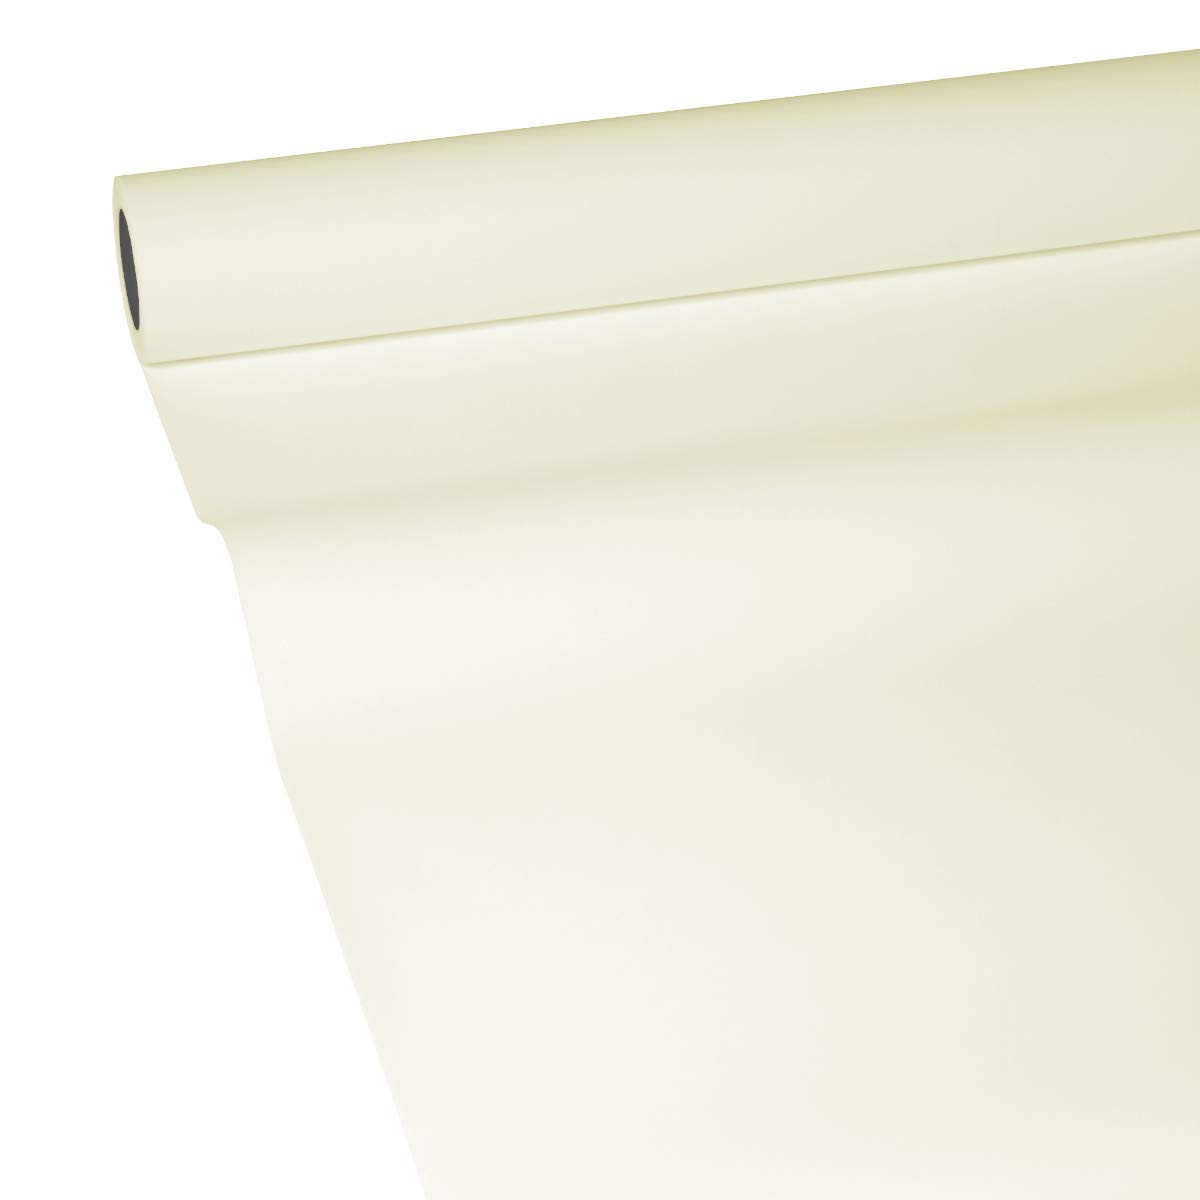 JUNOPAX 50m*0,20m Papier Tischband Champagner-Beige